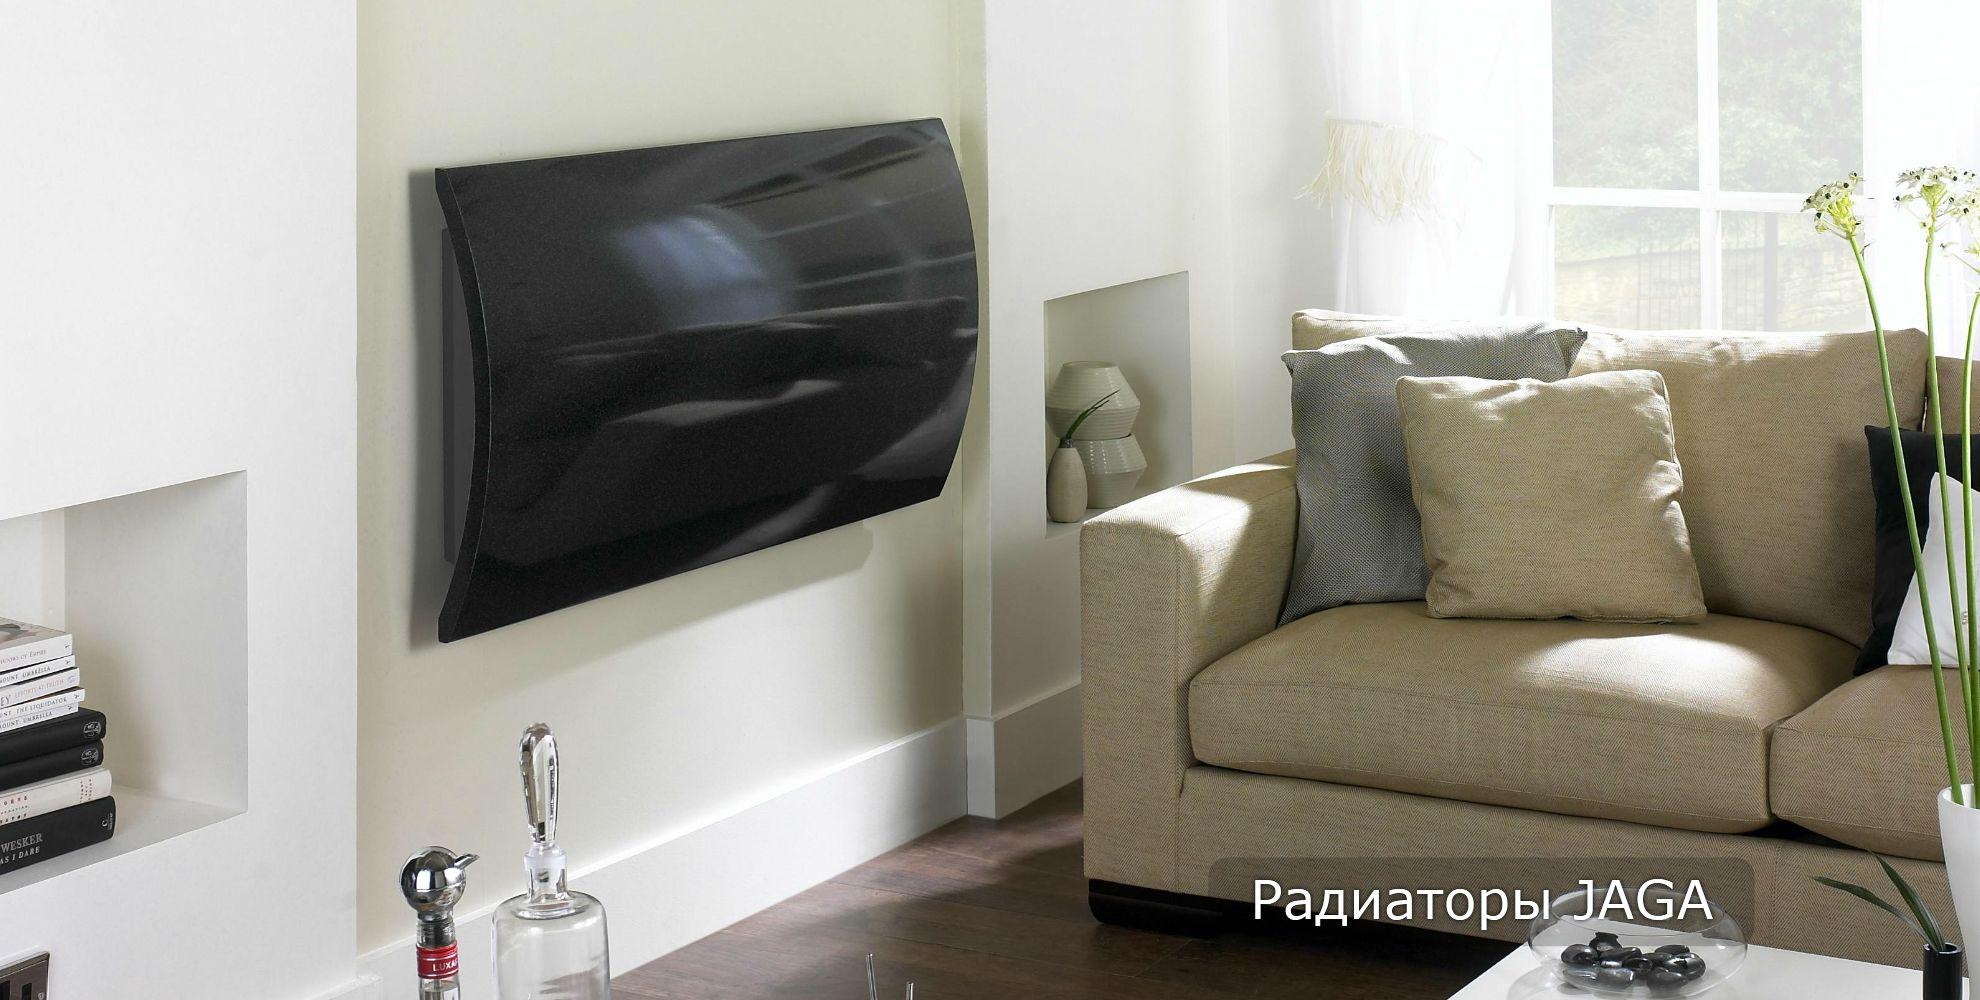 Напольные радиаторы (конвектора) Jaga.